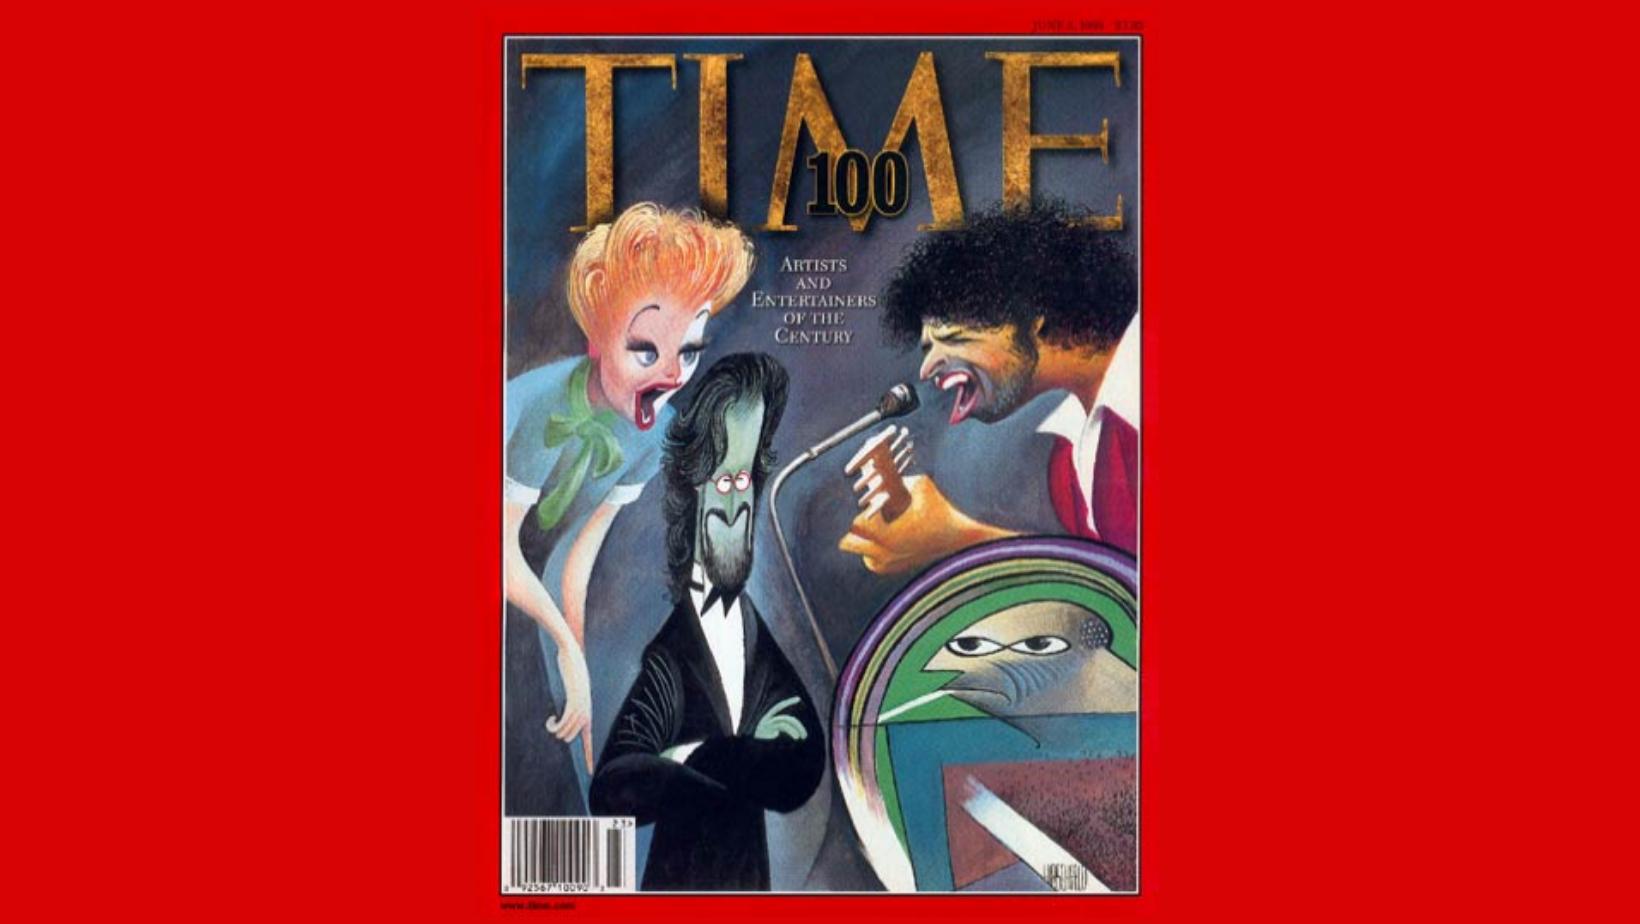 Les personnes dans le monde de l'art et du divertissement les plus influentes du XXe siècle. Time 100